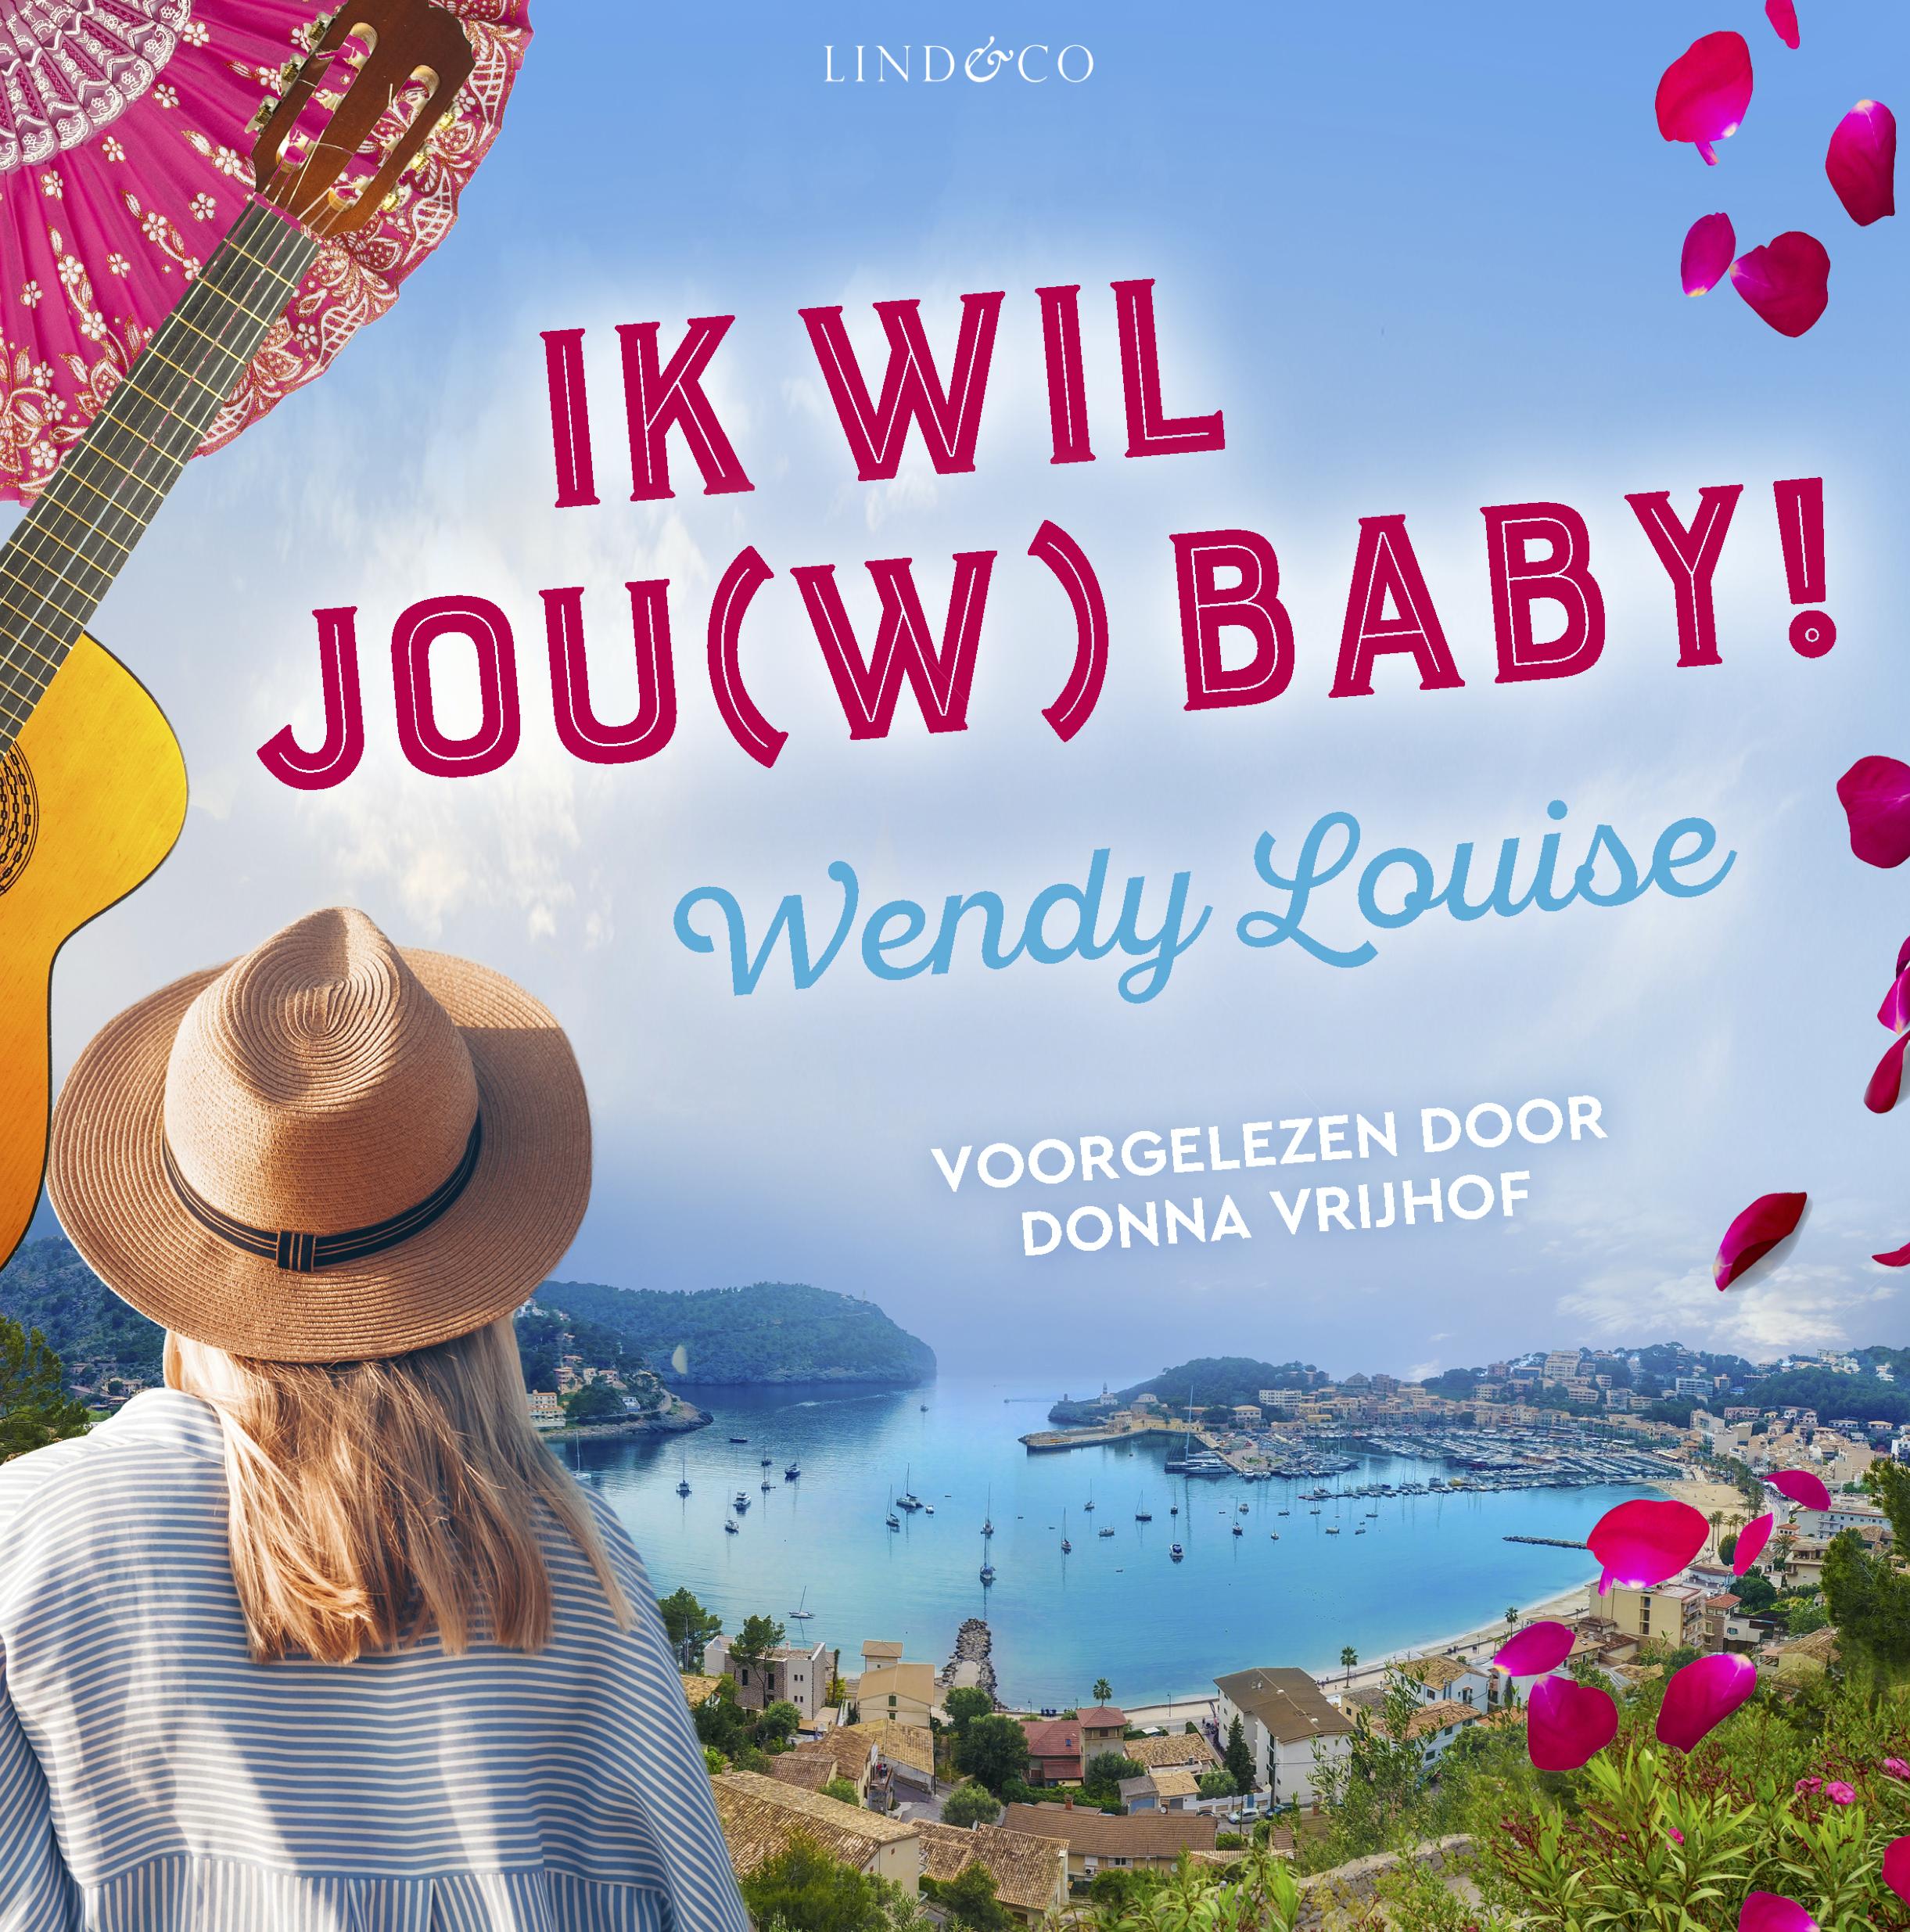 Wendy Louise, Ik wil jouw baby, Storytel, bestseller Kobo Plus, luisterboek, audioboek